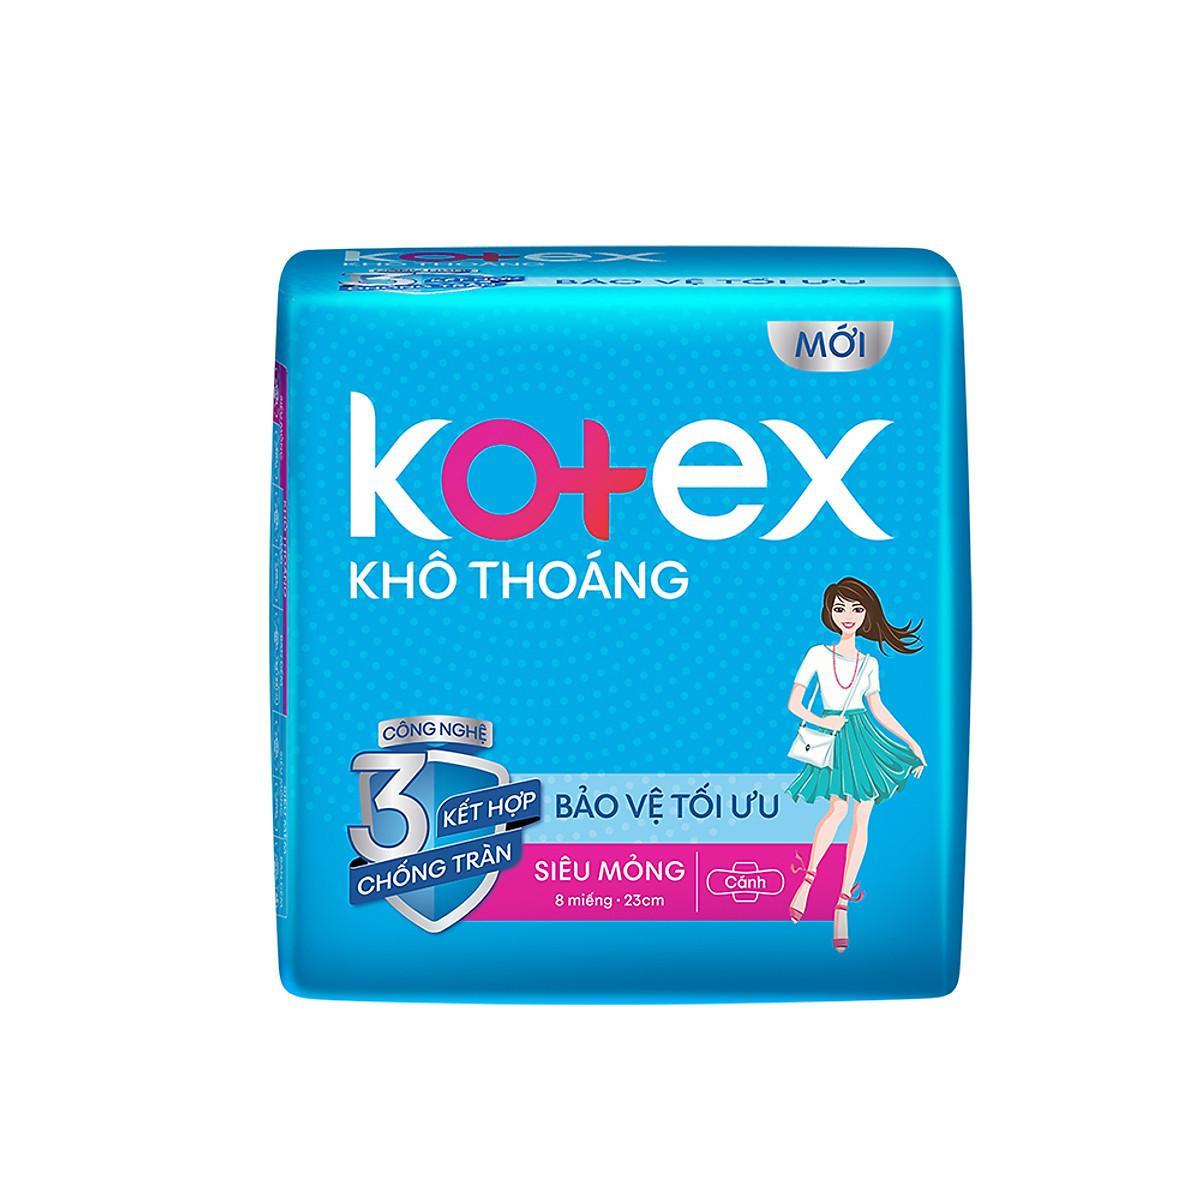 Đánh giá chi tiết Băng vệ sinh Kotex